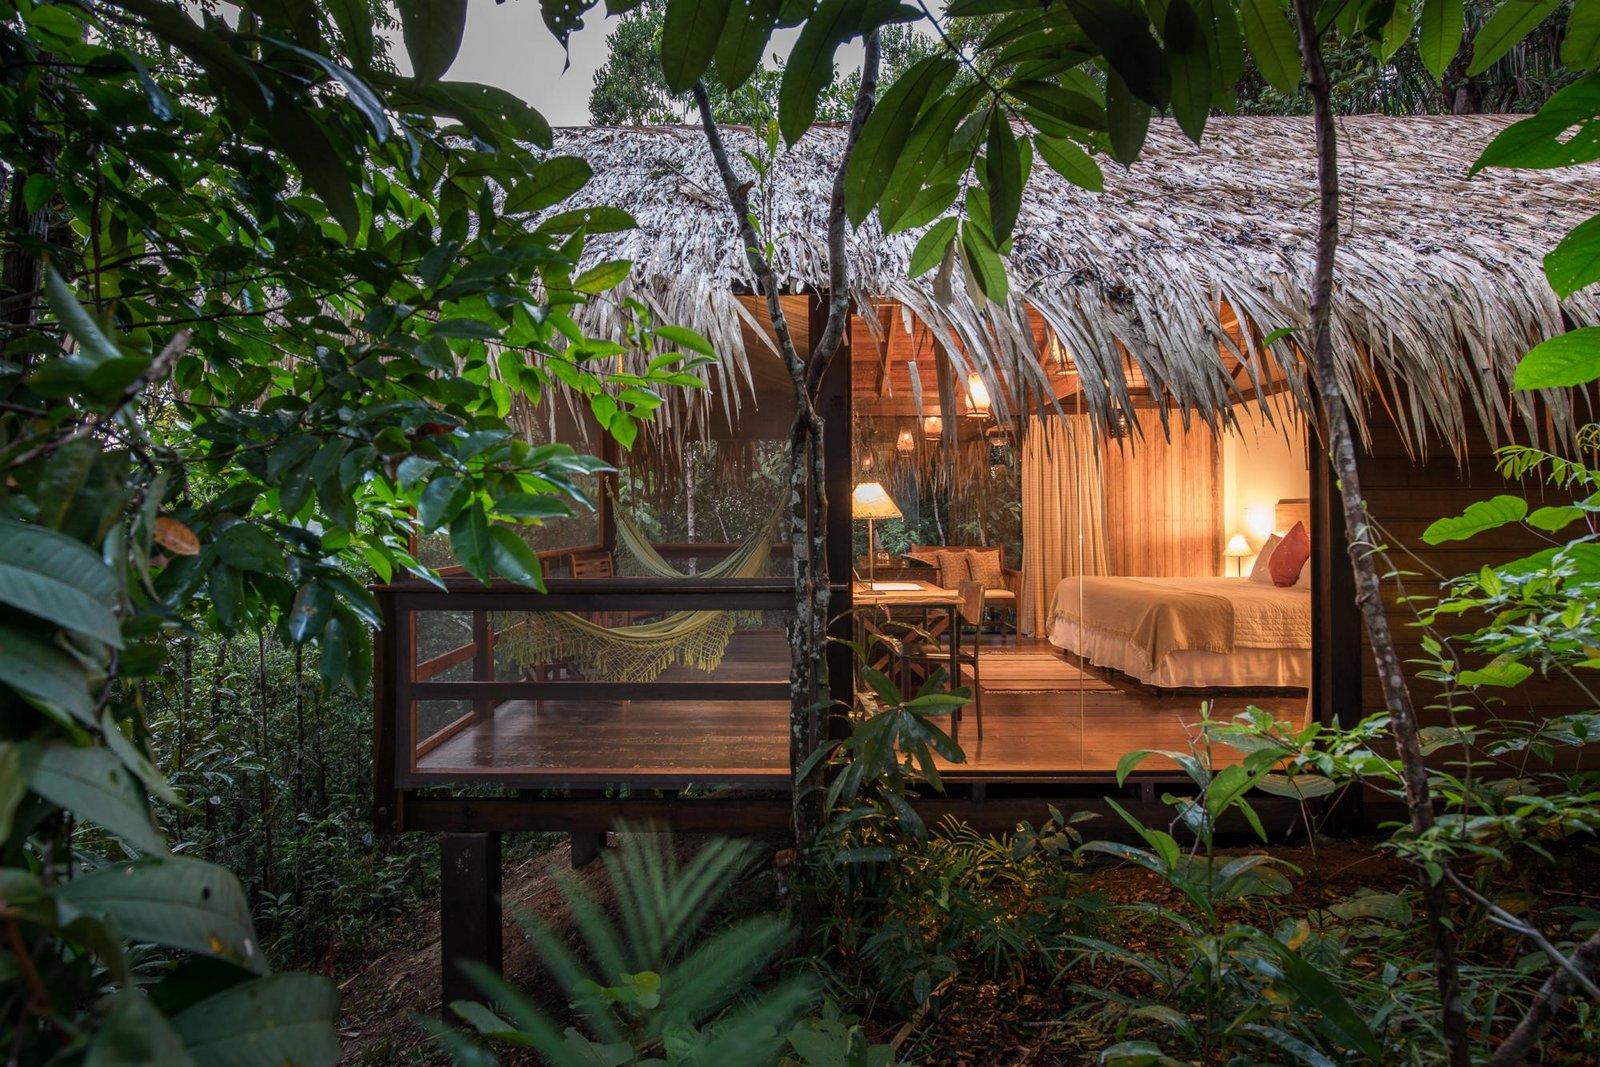 Agora se a sua pergunta é como escolher o hotel de selva ideal, é necessário que você analise o tipo de experiência que você procura e qual o orçamento que cabe no seu bolso.